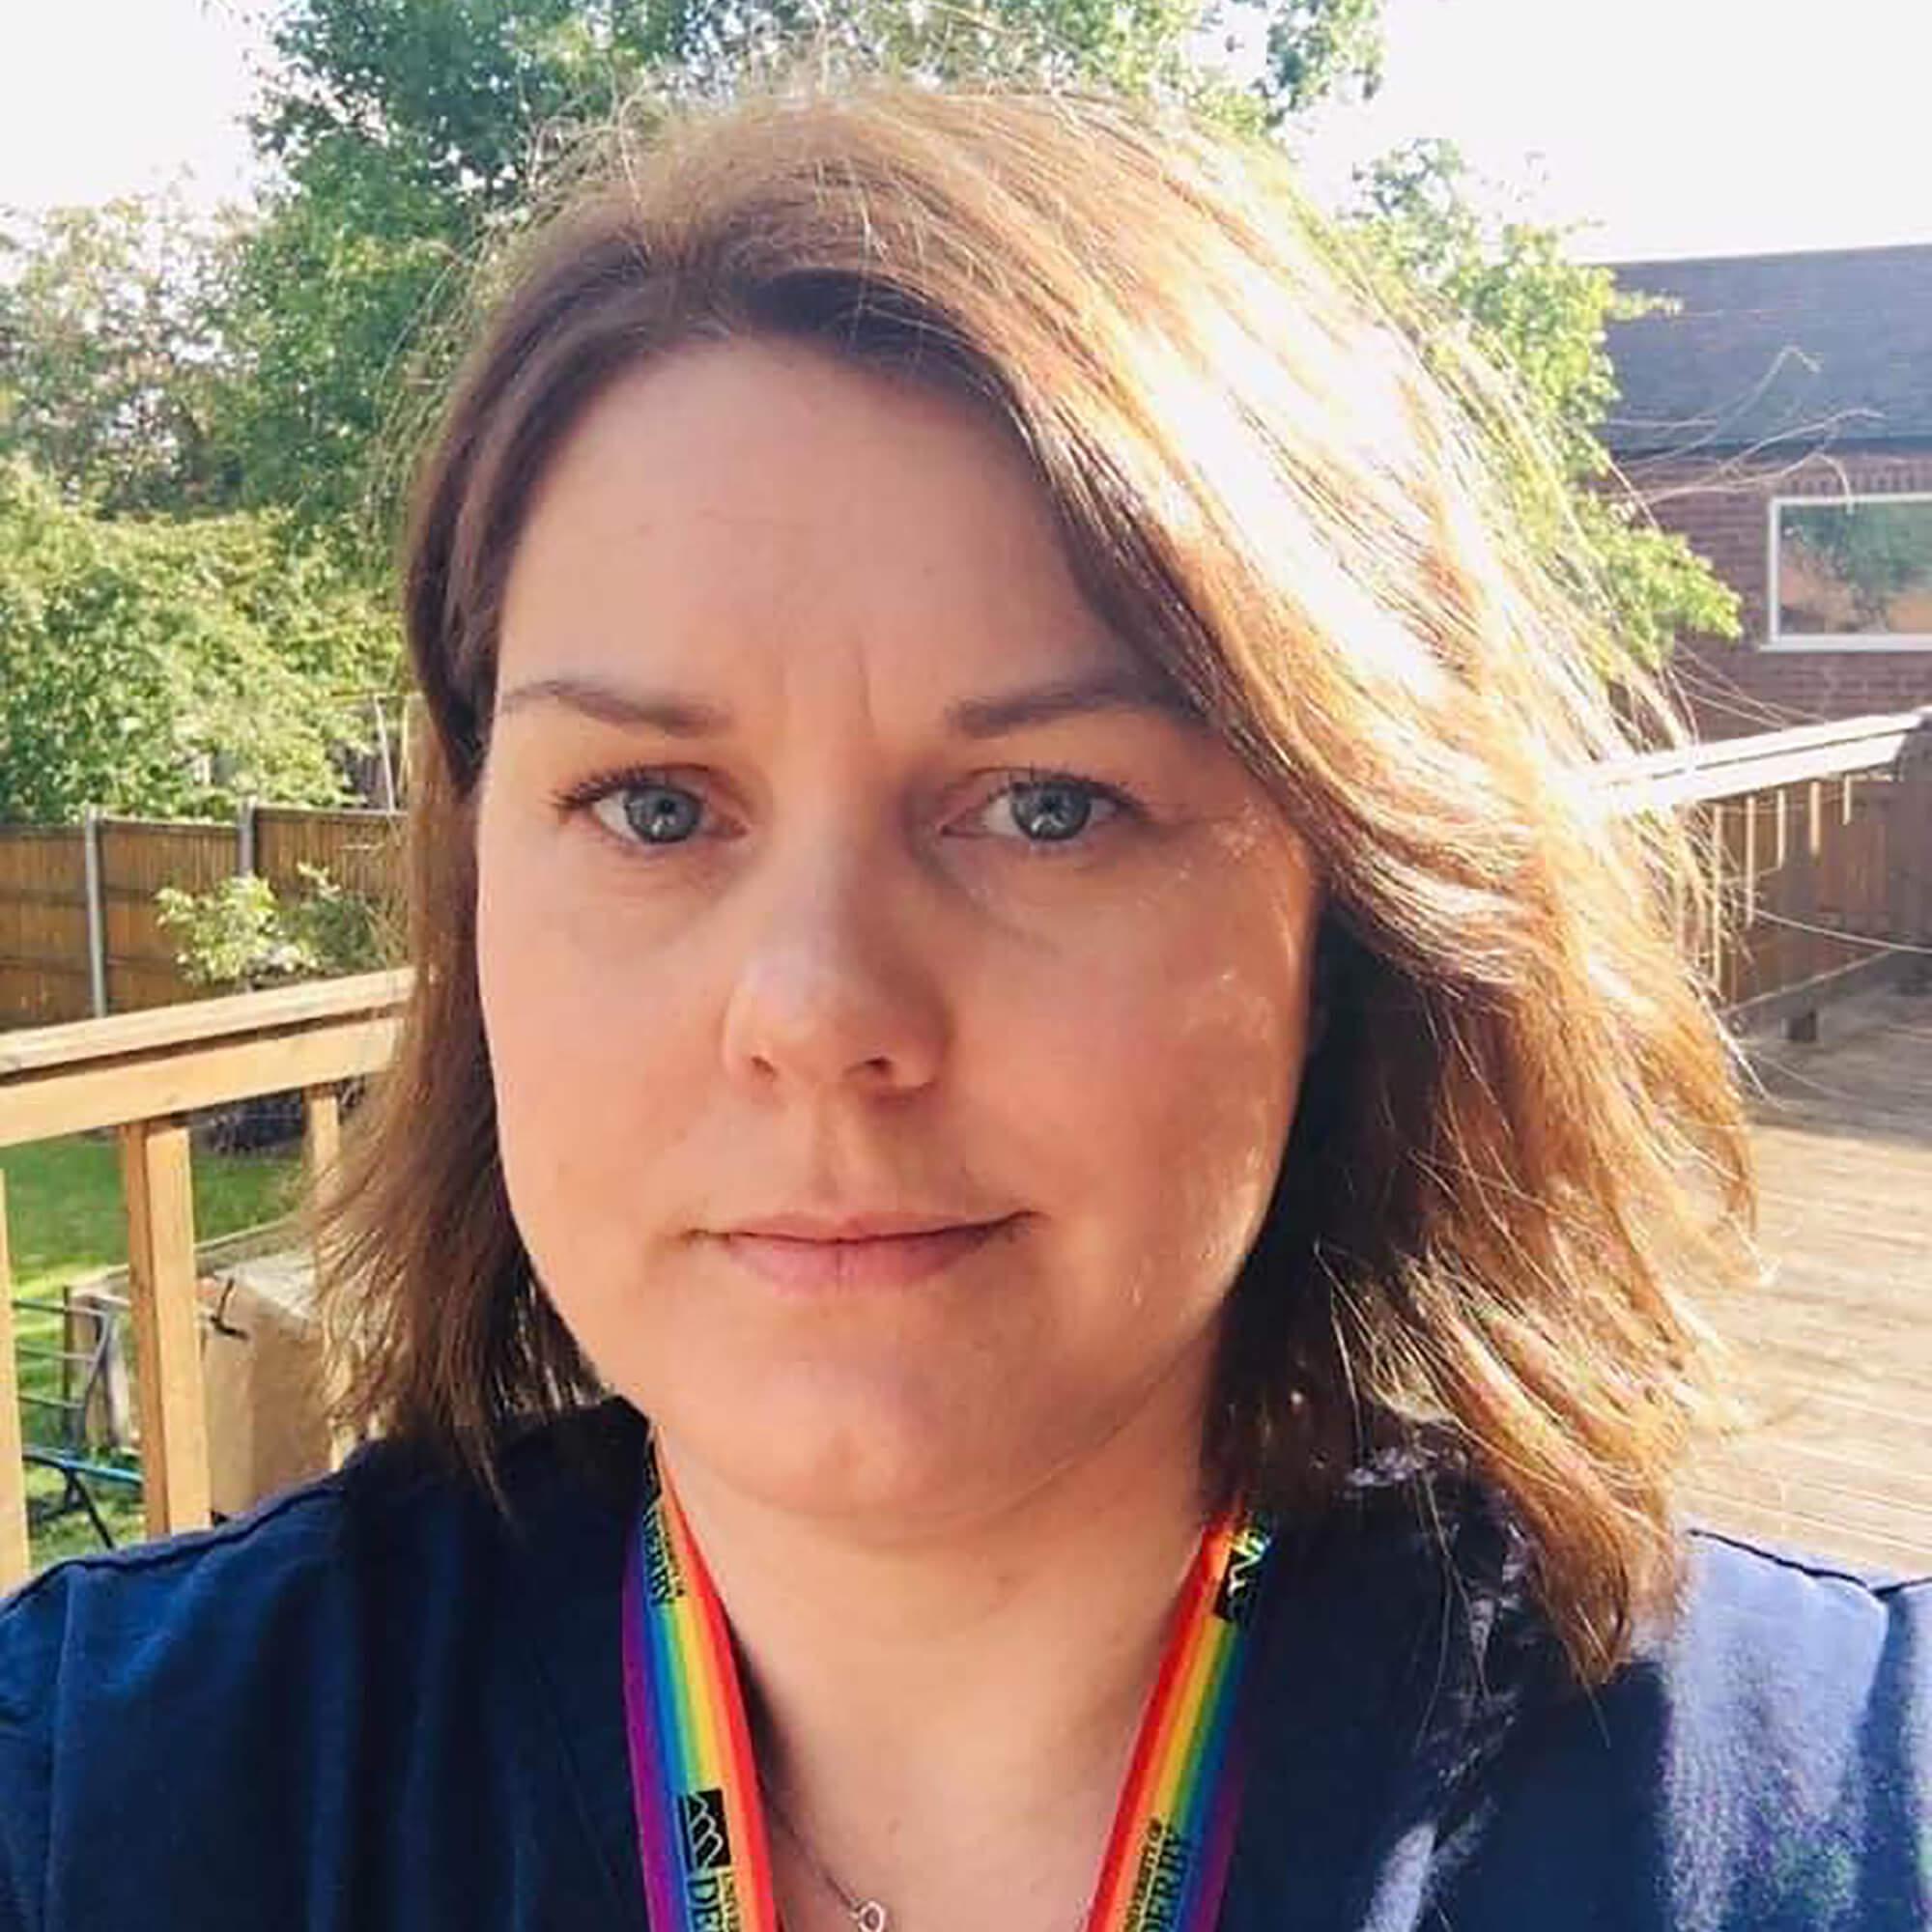 Louisa standing outside in a garden wearing a University of Derby lanyard